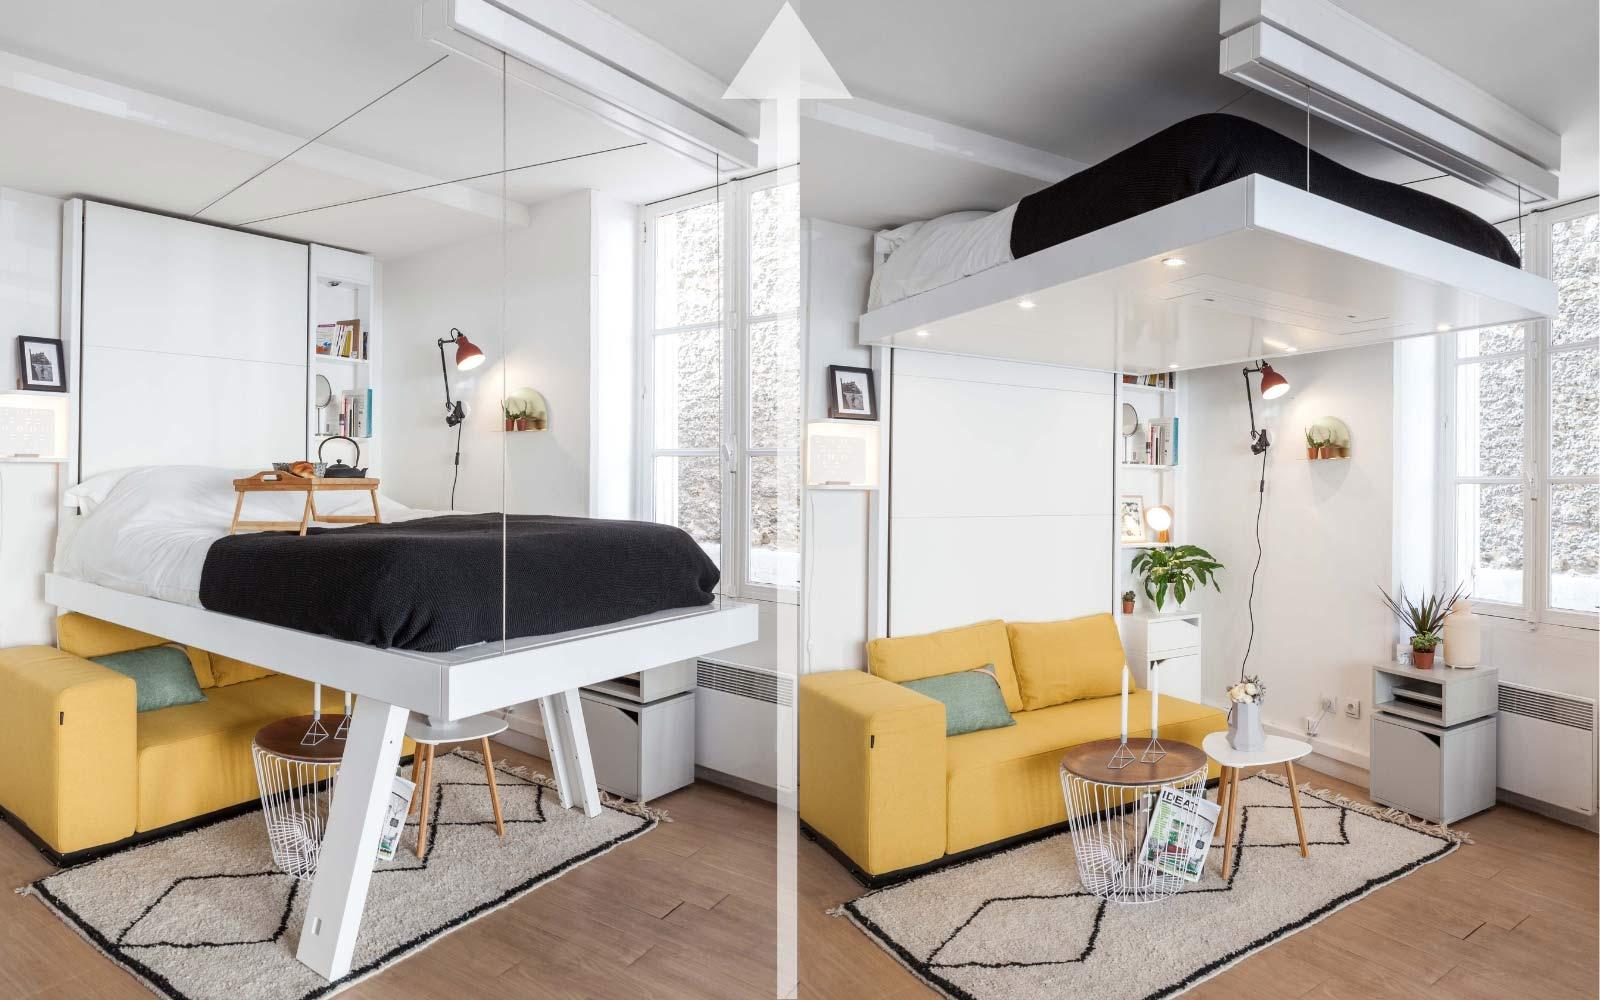 lit escamotable au plafond suspendu par cable